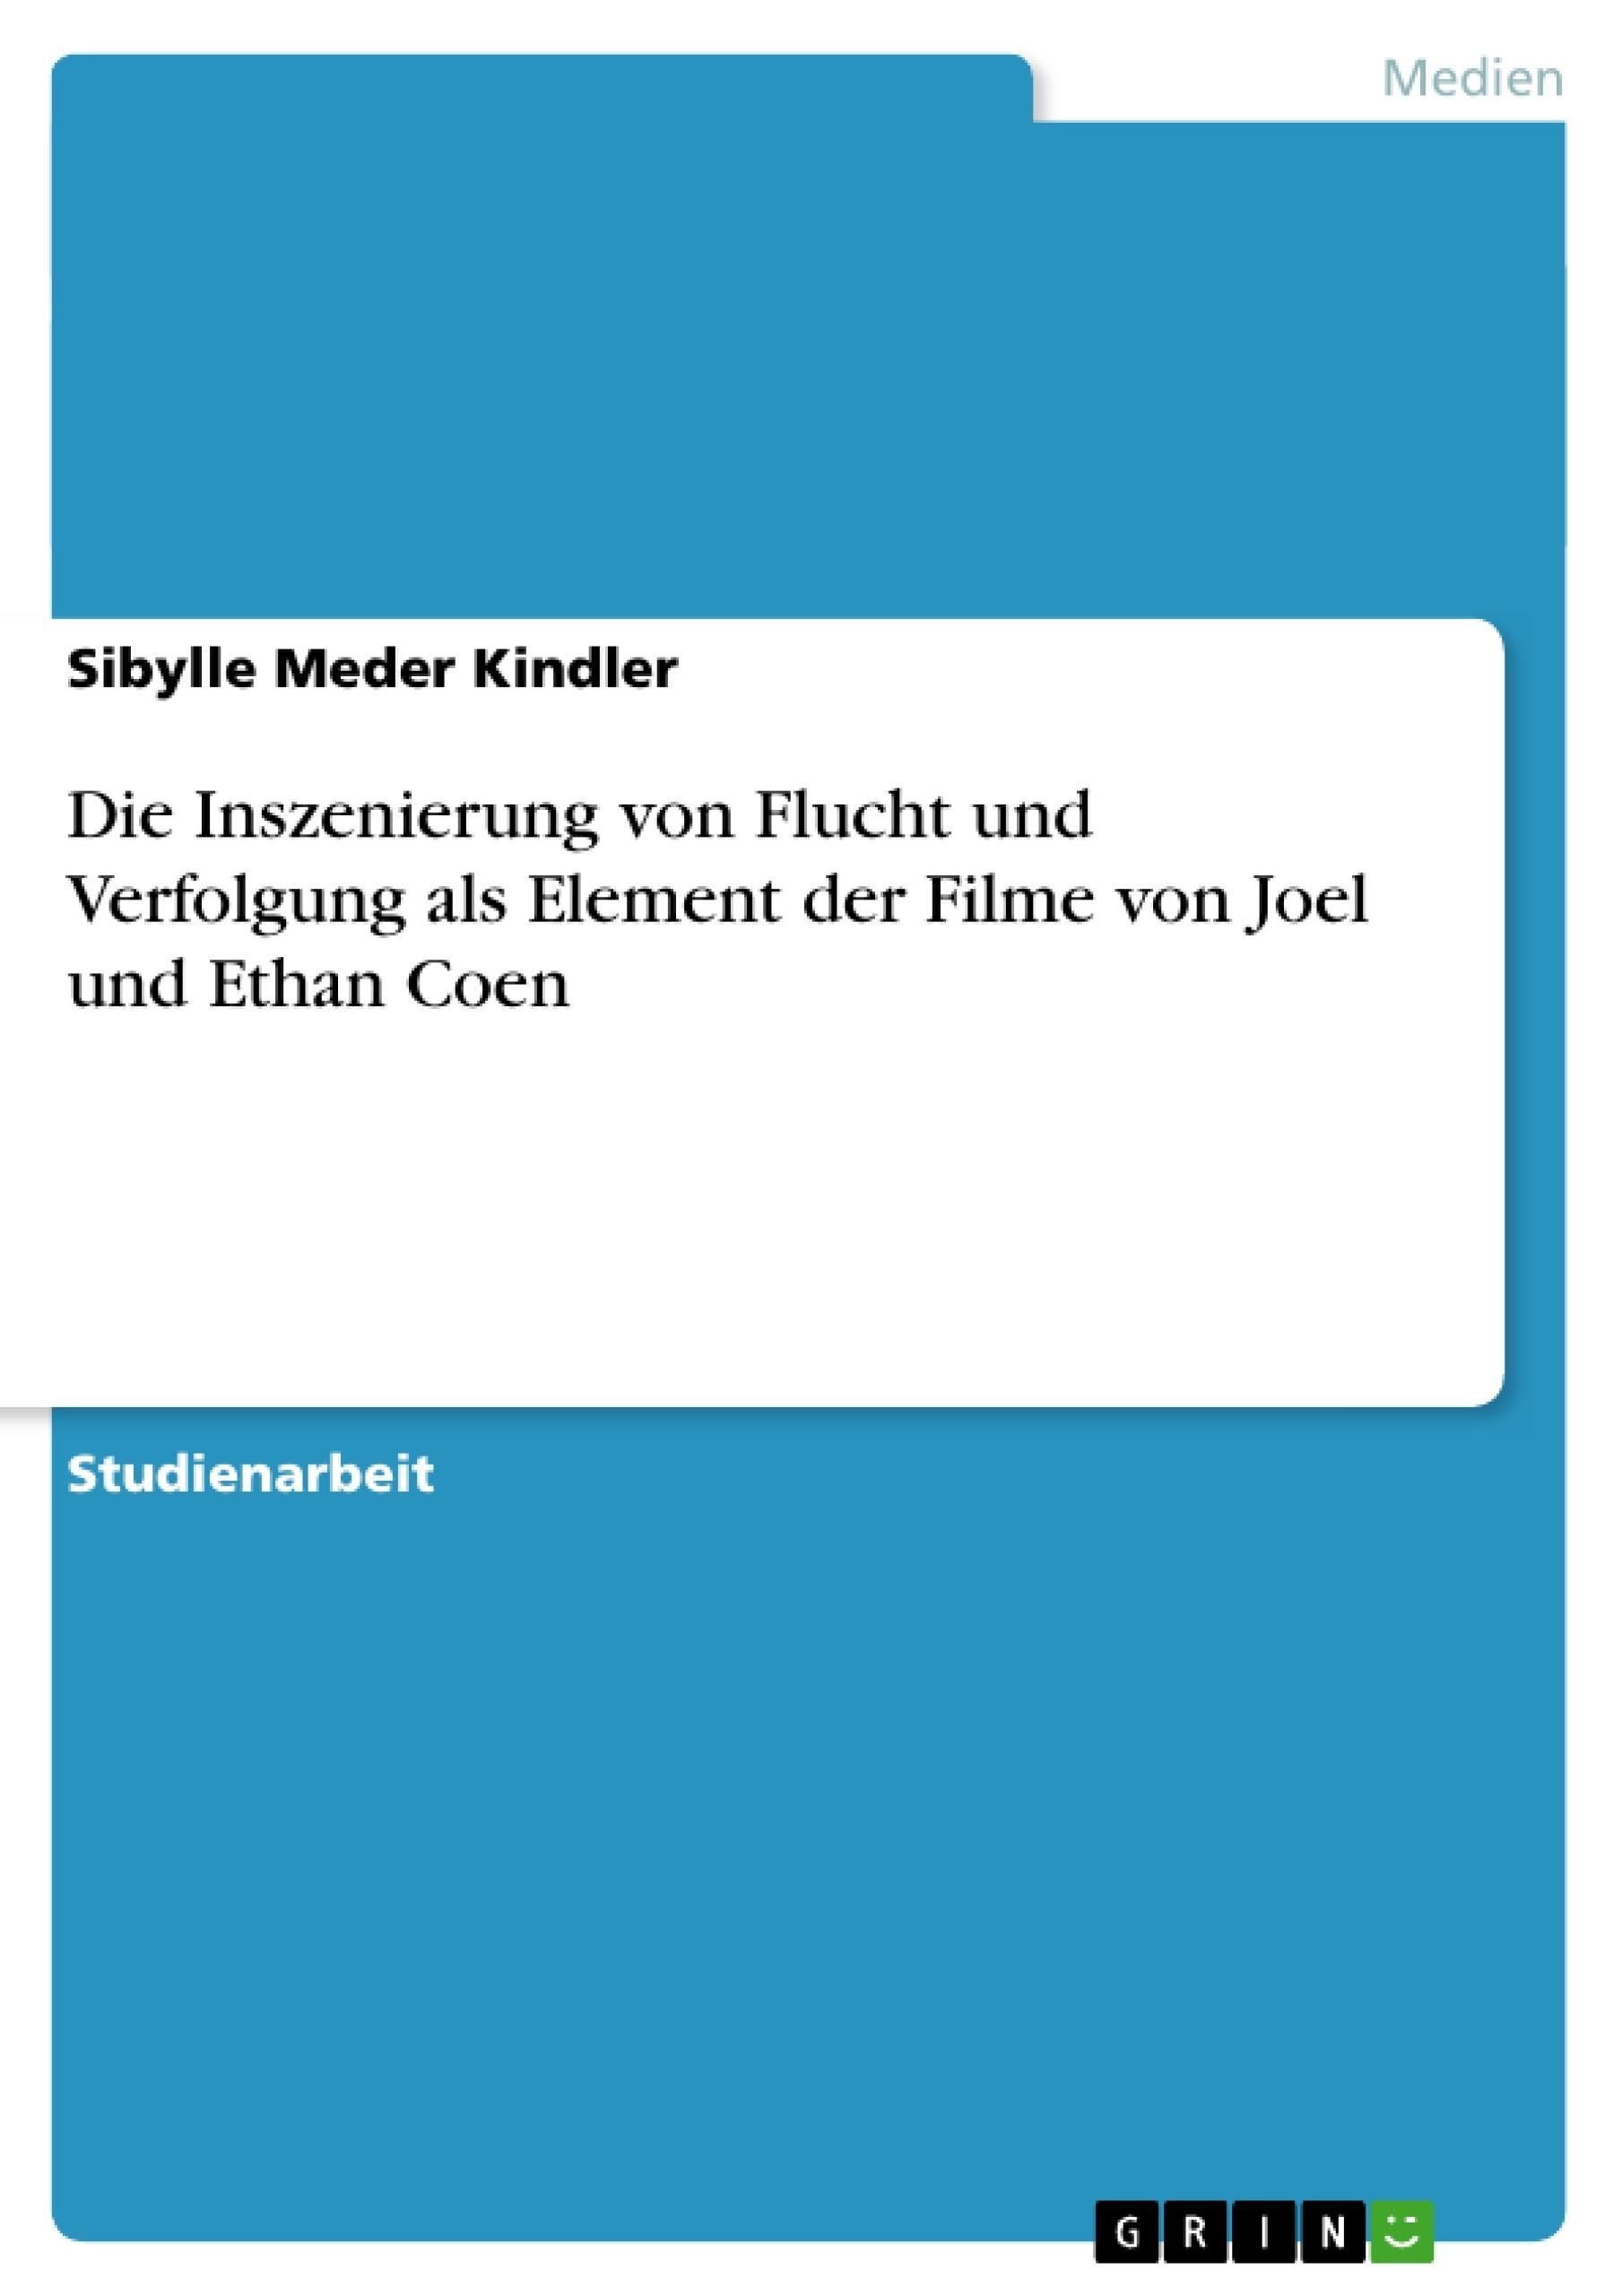 Titel: Die Inszenierung von Flucht und Verfolgung als Element der Filme von Joel und Ethan Coen